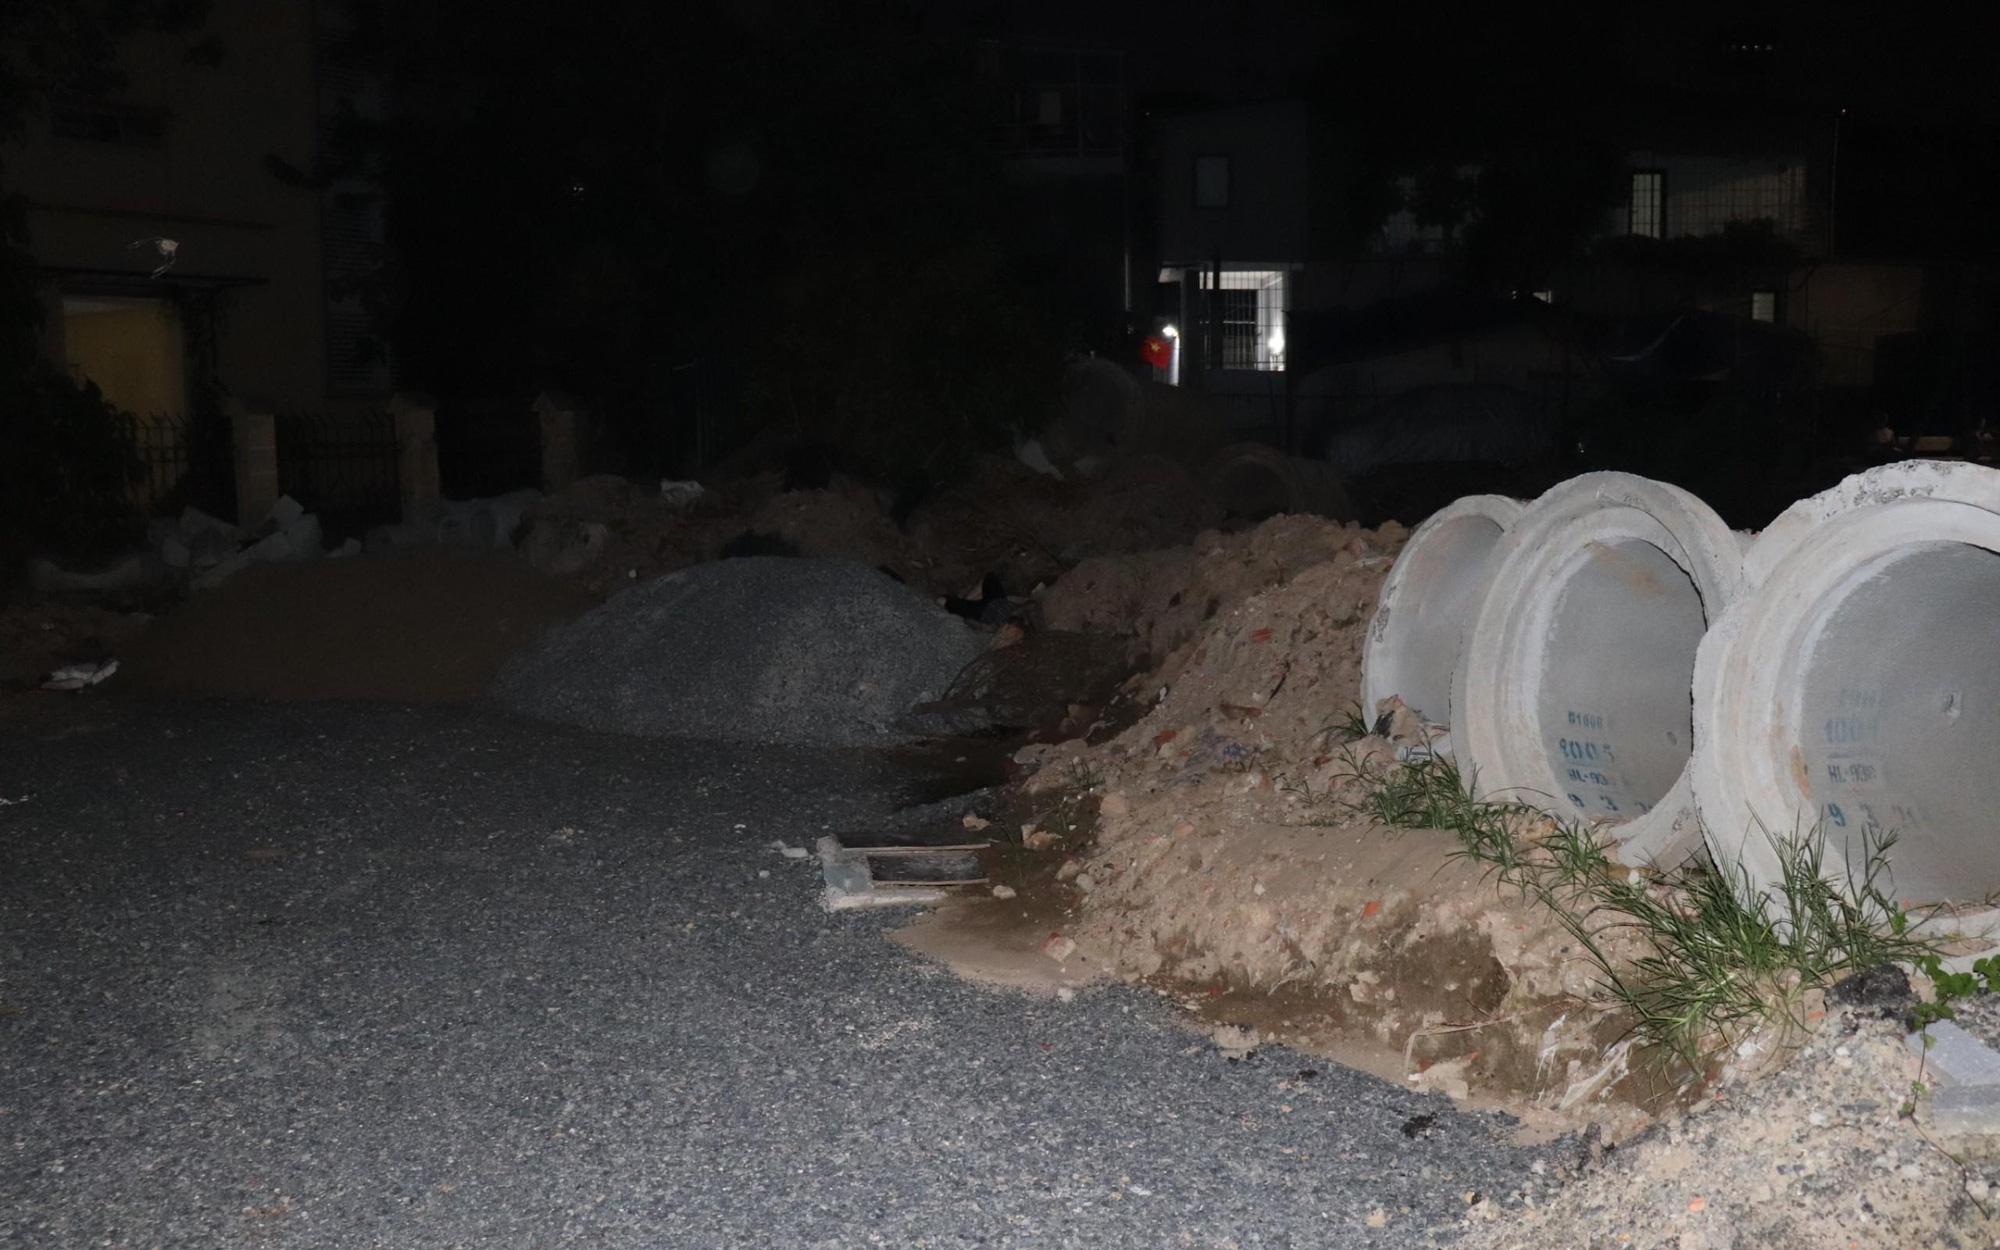 Hà Nội: Tìm tung tích người phụ nữ tử vong tại bãi đất trống